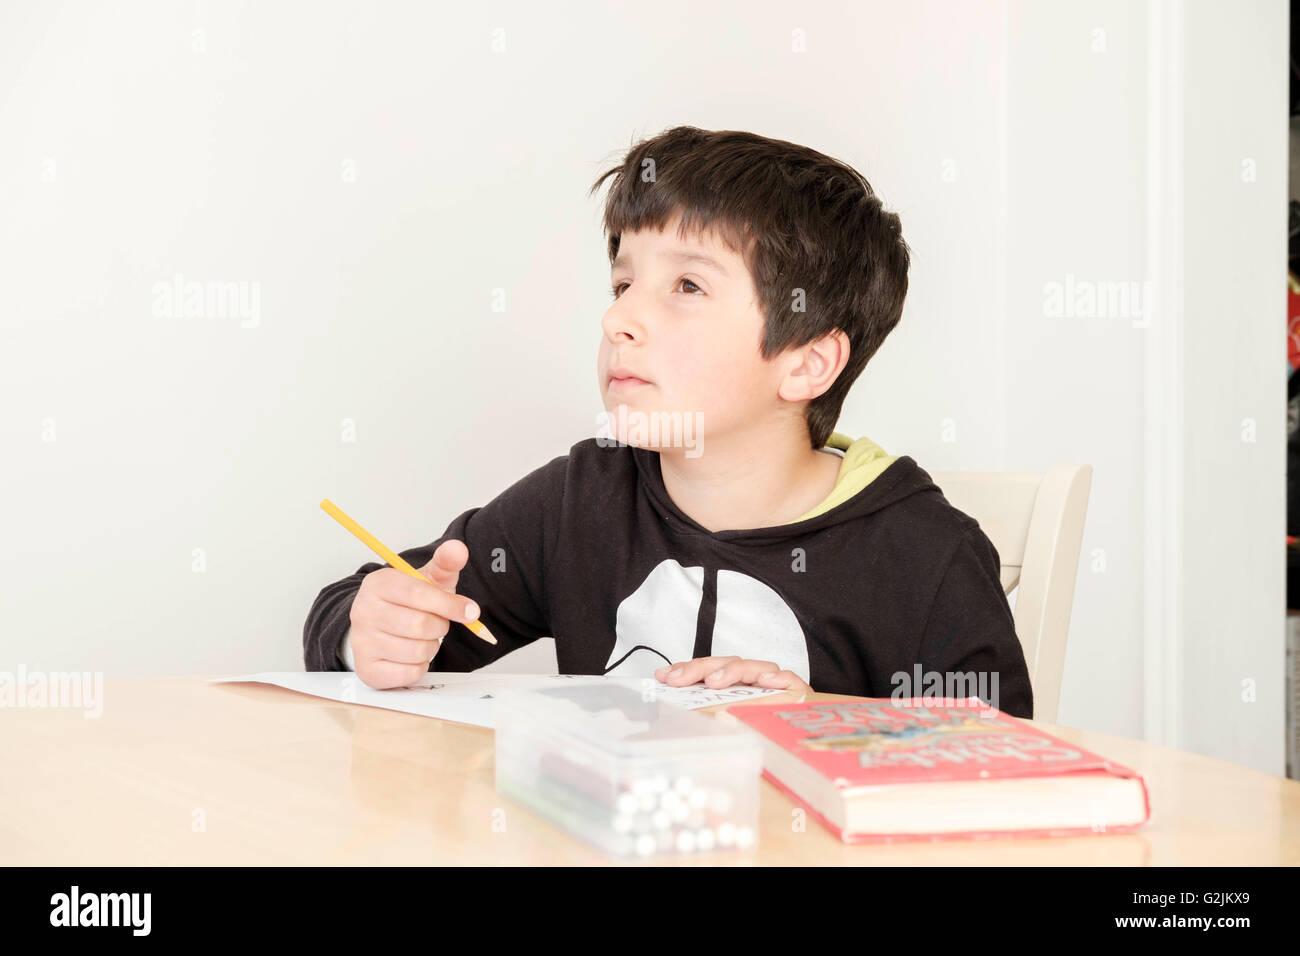 Schüler arbeiten an seine Hausaufgaben Stockbild